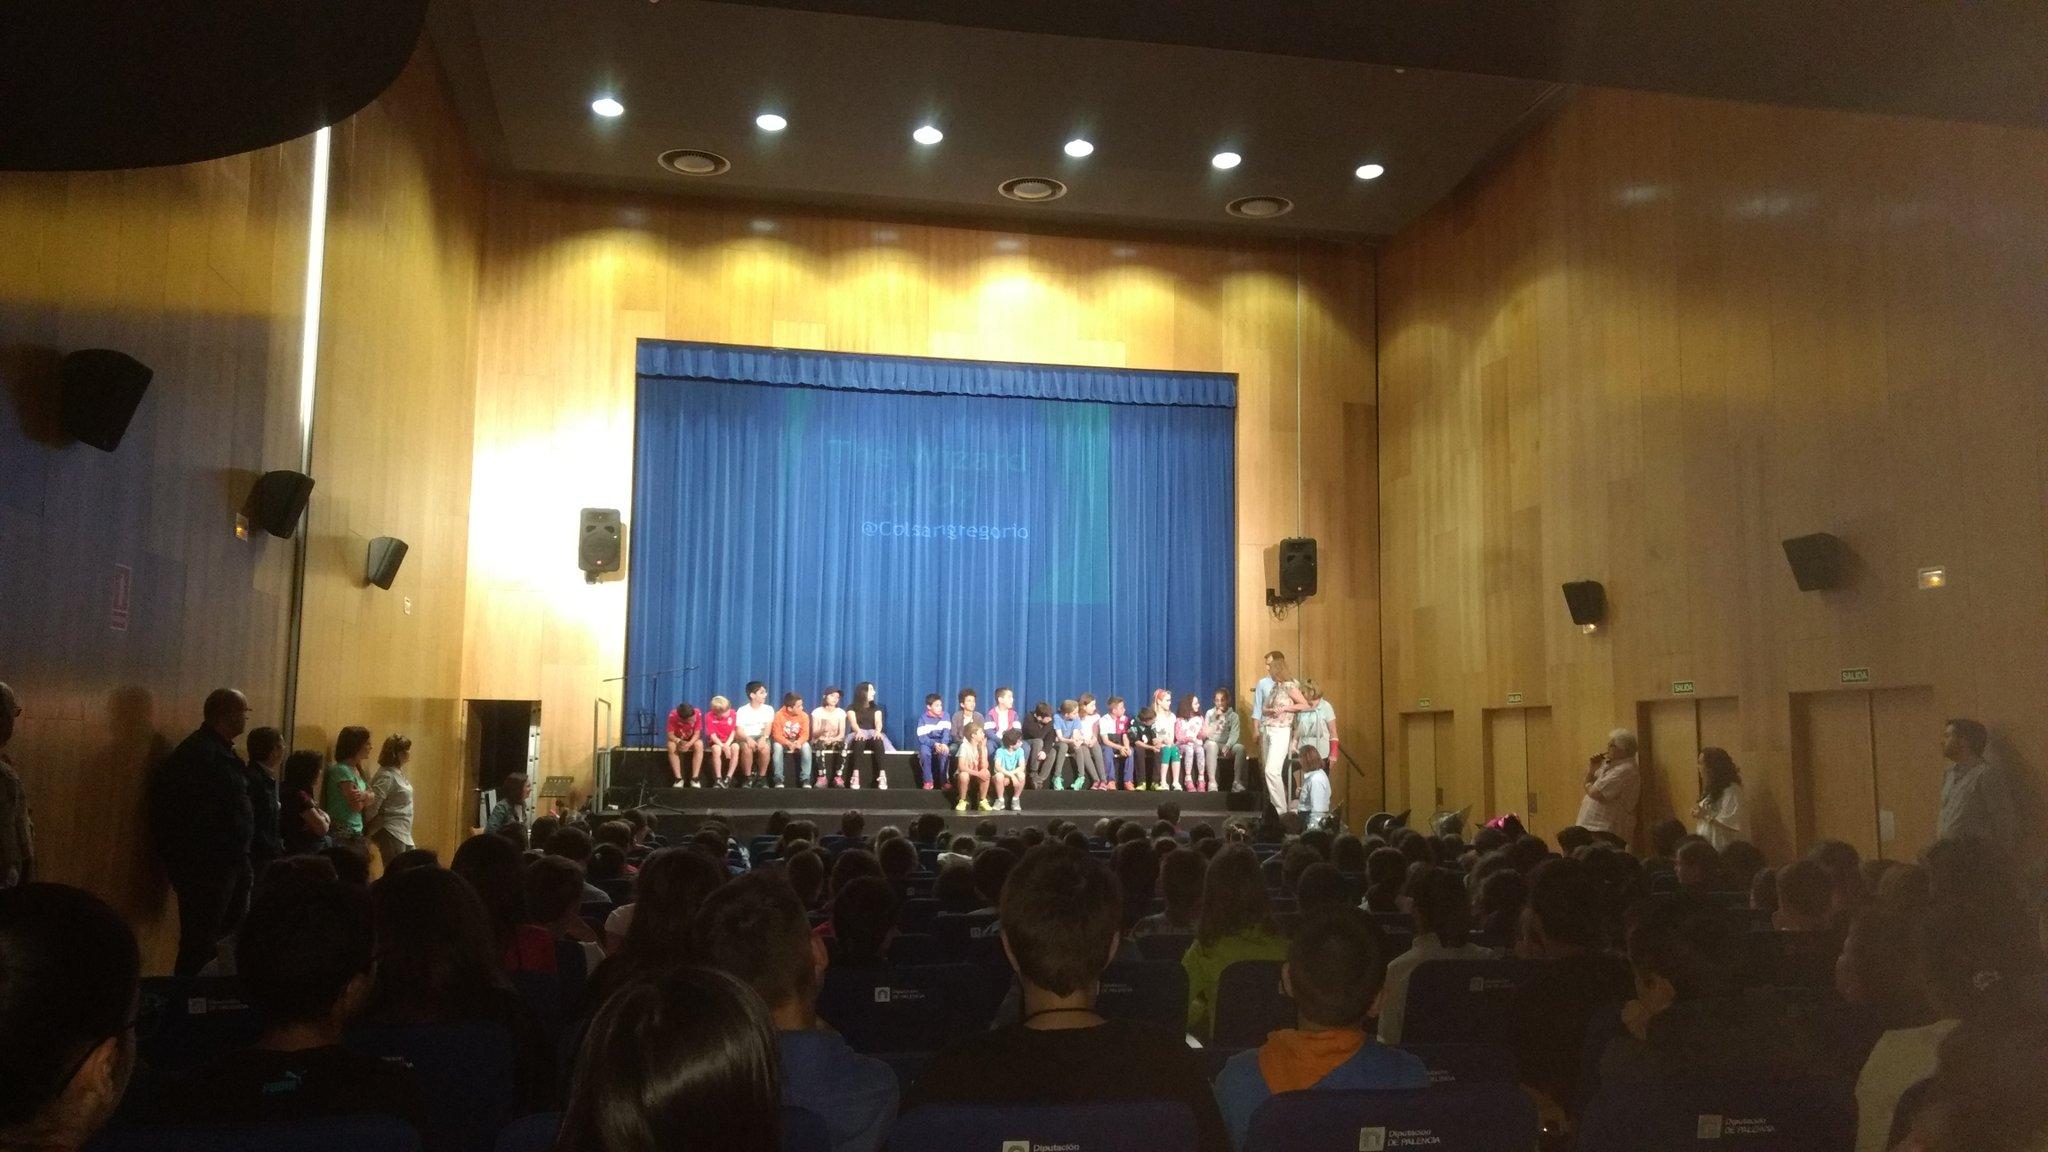 El verdadero espíritu #eTwinning vivir la experiencia en otra cultura. Los alumnos de @HTPDSchool vuelven a @colsangregorio #twinmooc https://t.co/c5yvqKShNq